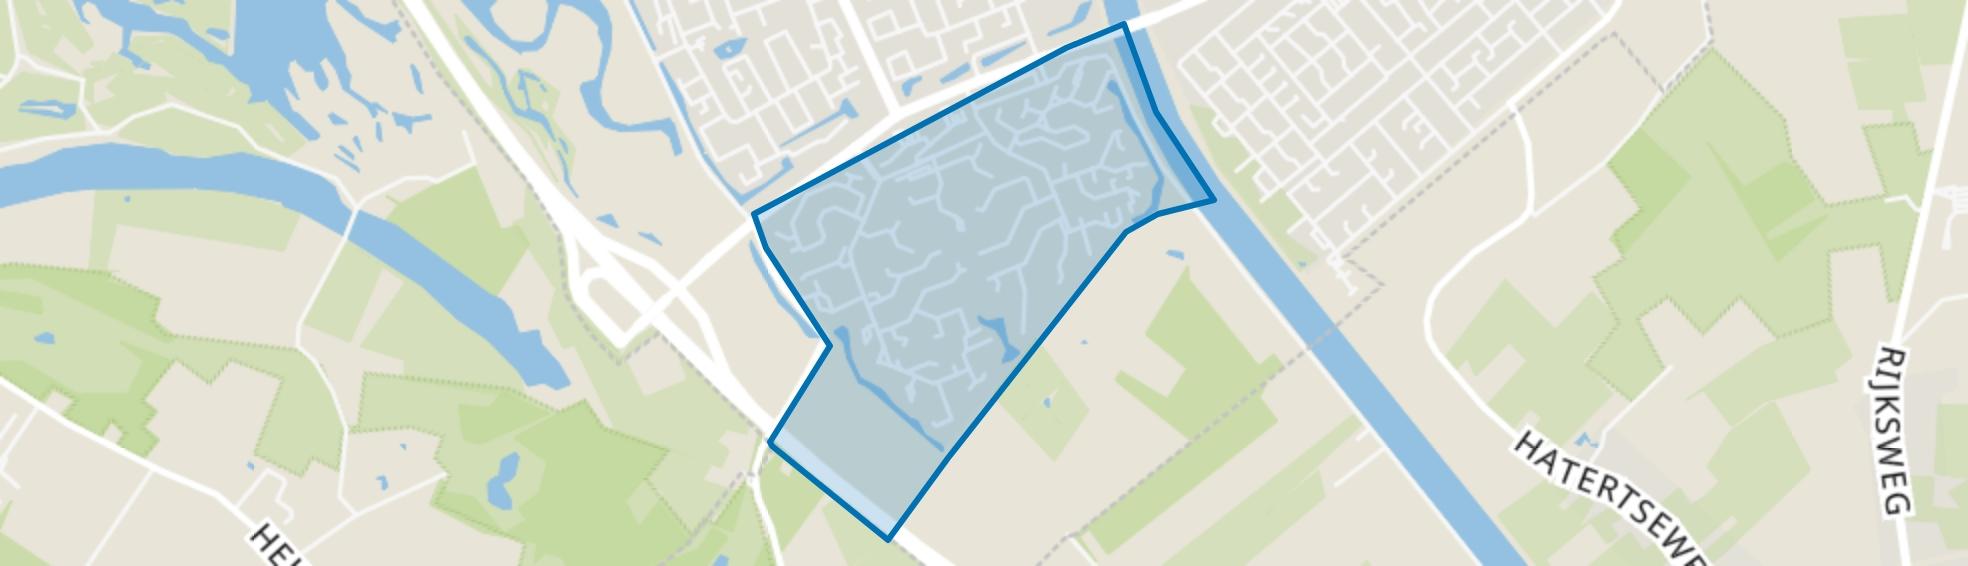 Weezenhof, Nijmegen map